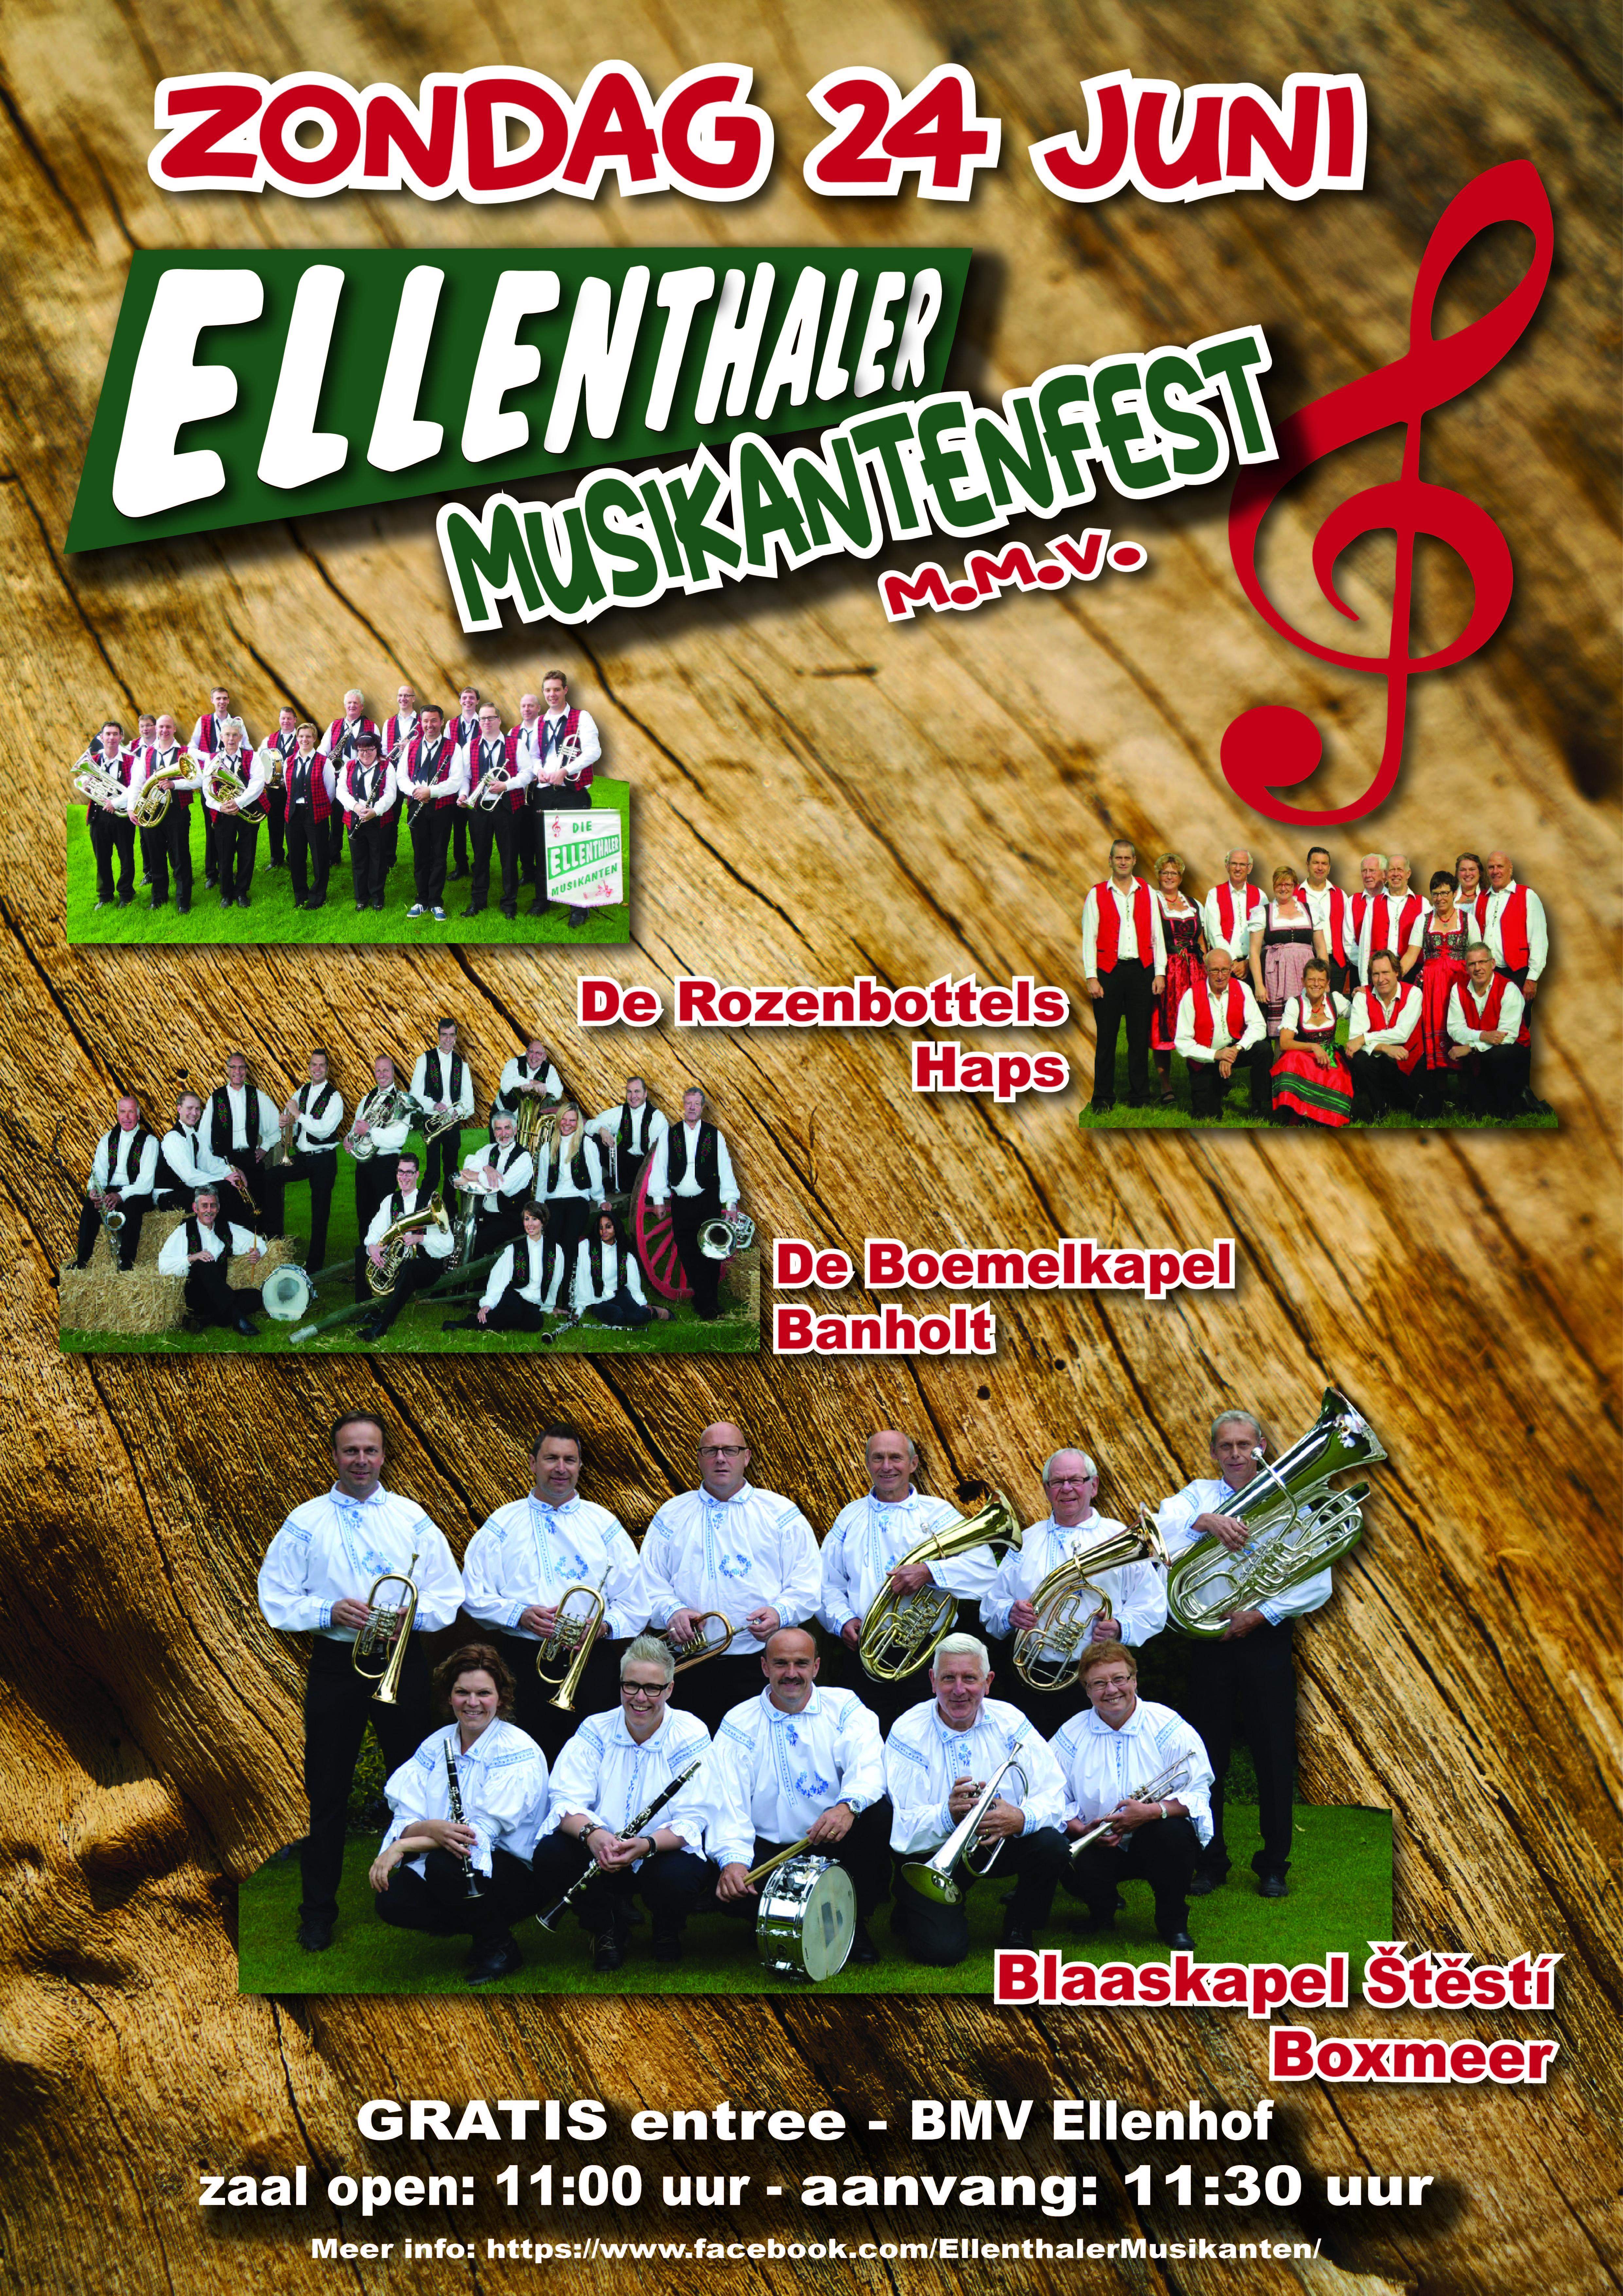 2de Ellenthaler Musikfest